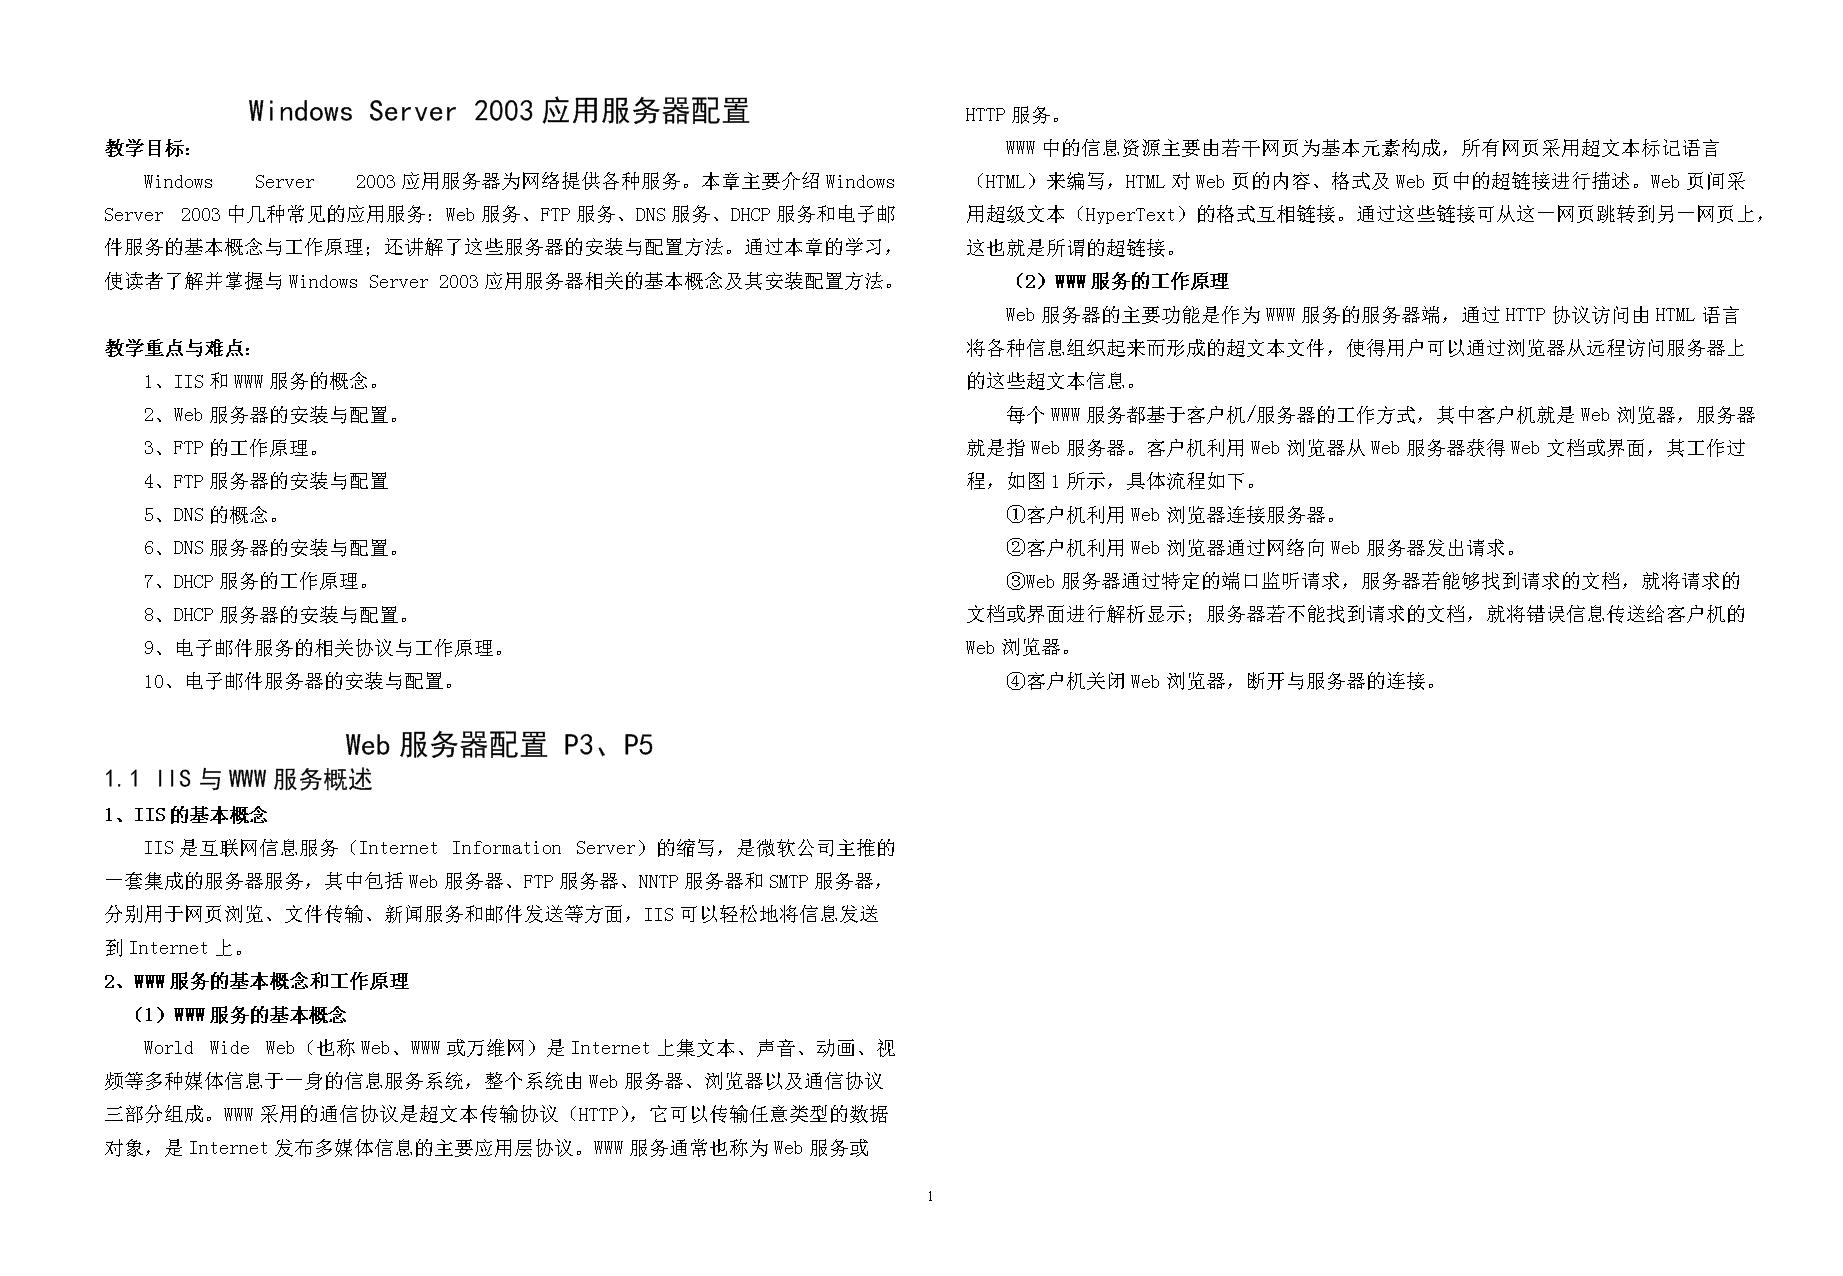 四大服务器配置.doc